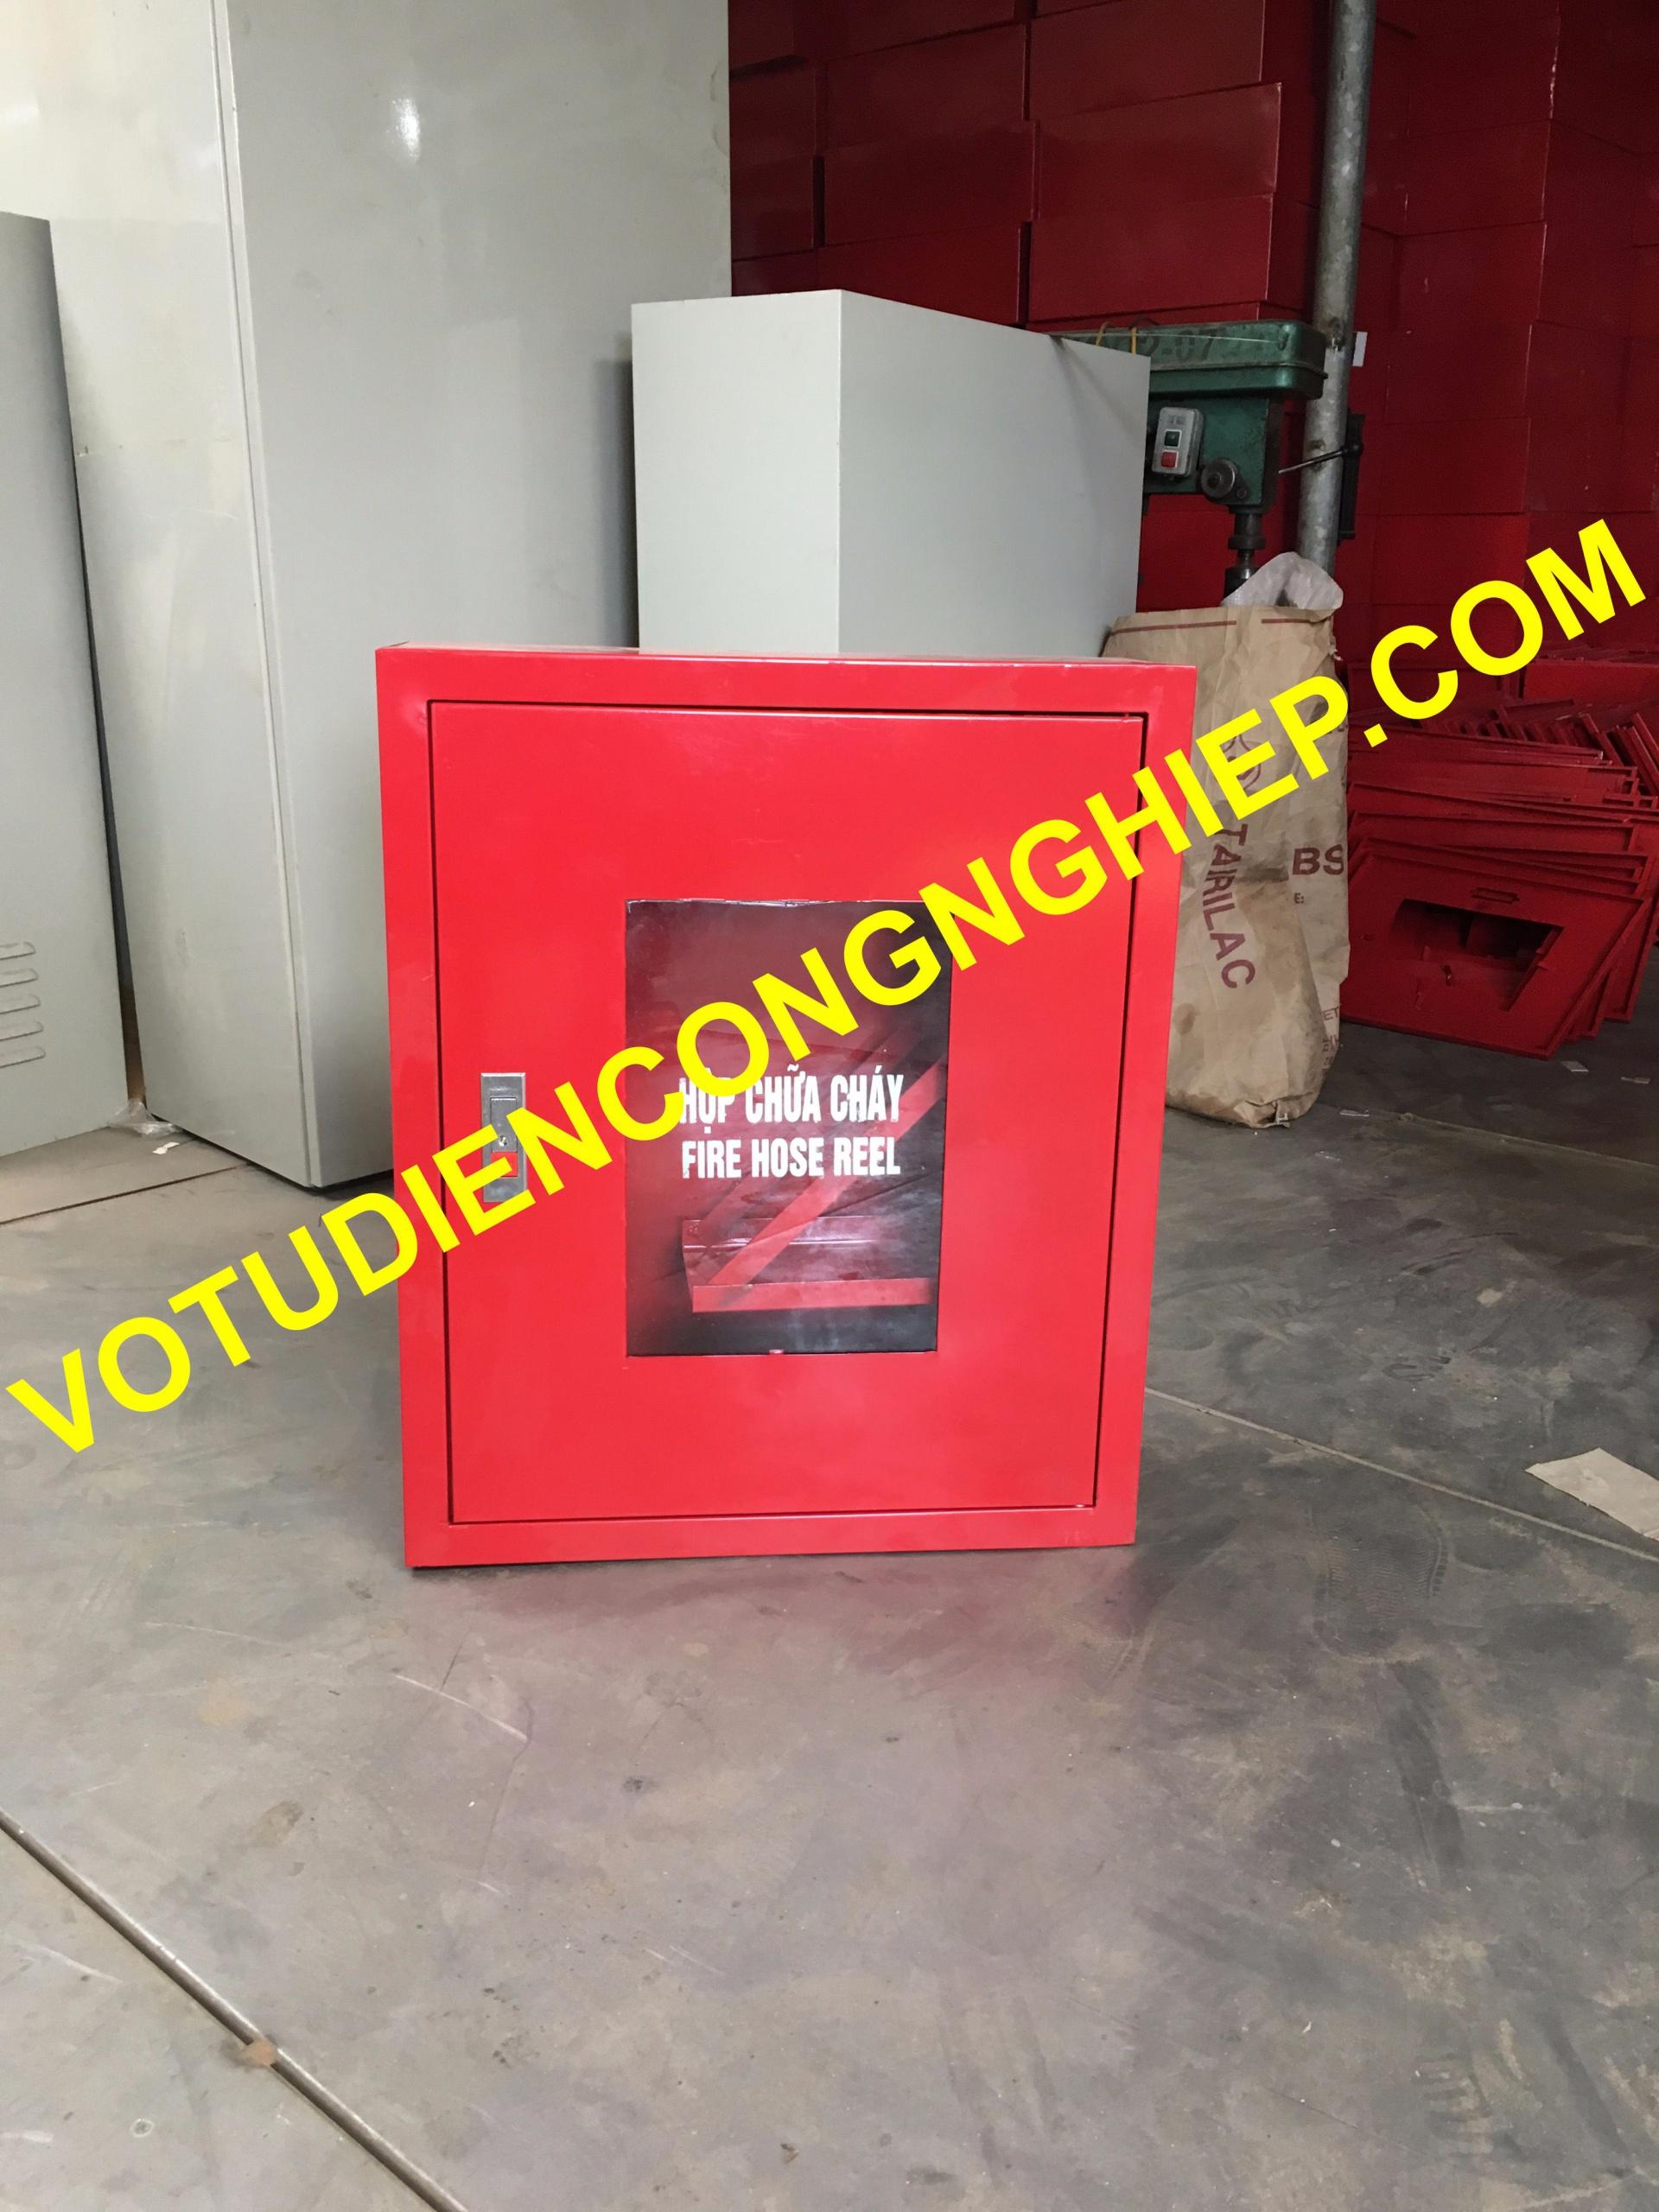 votudiencongnghiep, đây là đơn vị chuyên gia công các sản phẩm tủ cứu hỏa trong nhà,ngoài trời uy tín